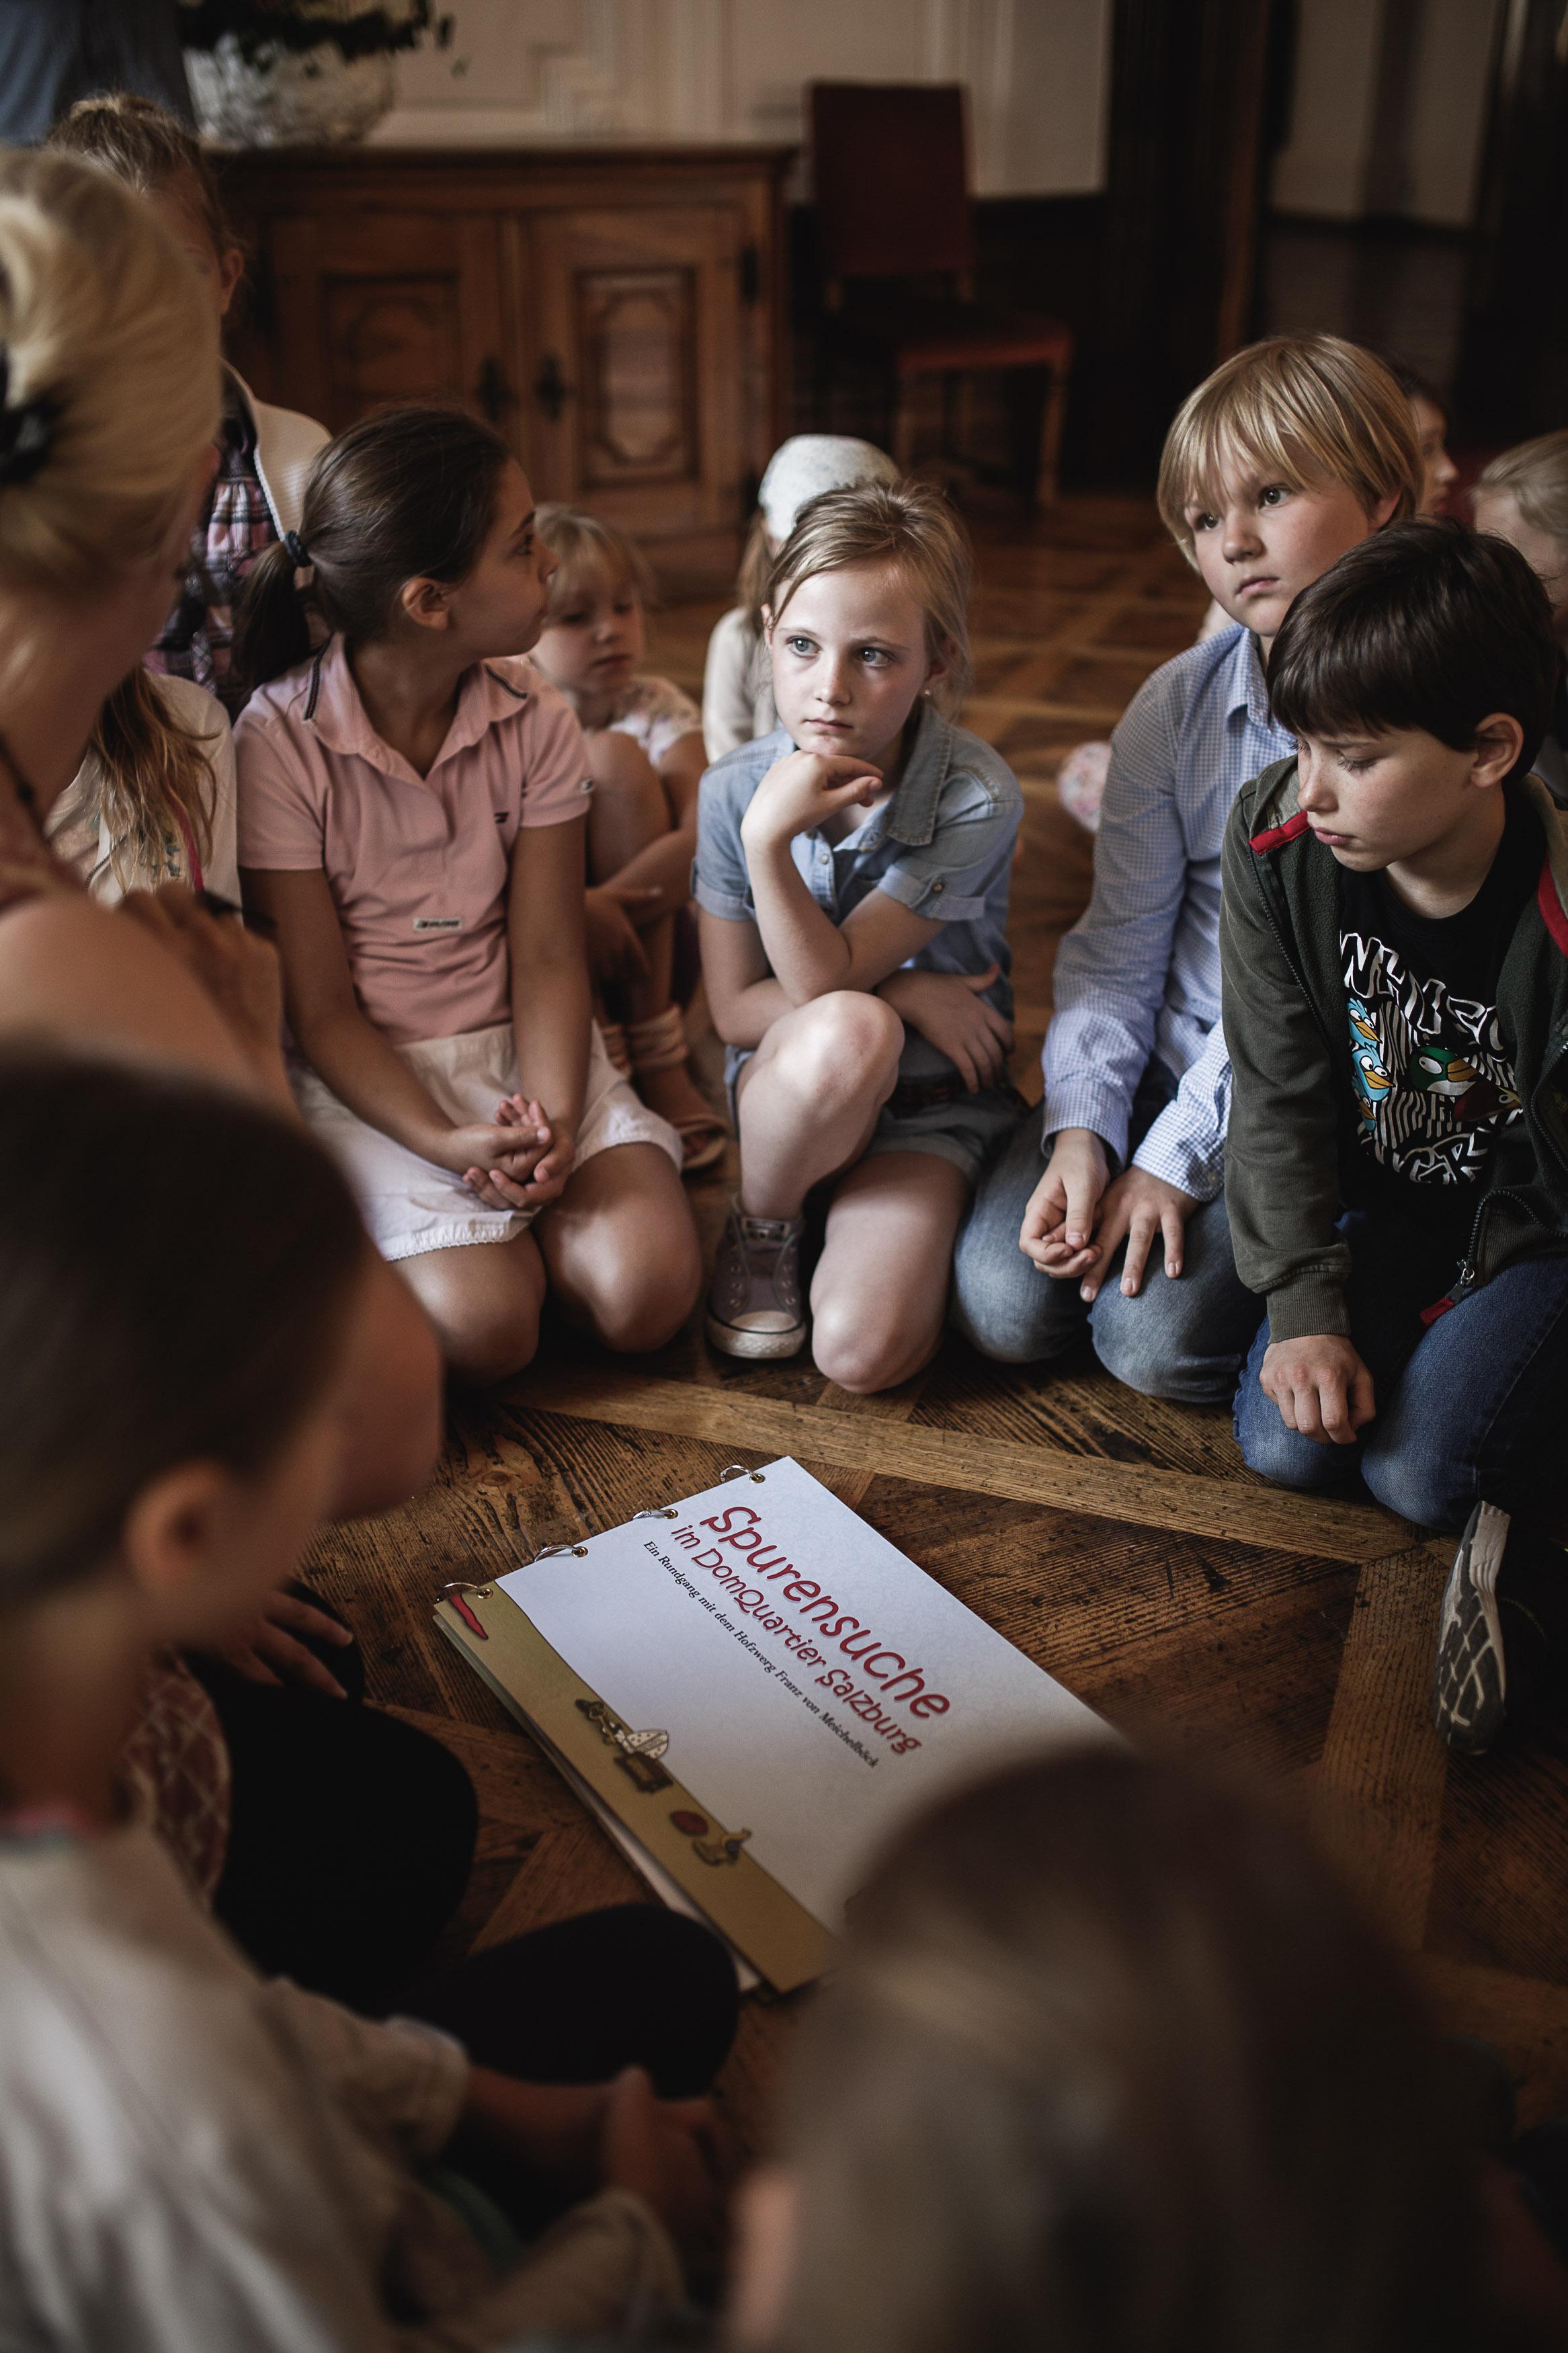 """Veranstaltung Kinderführung """"Spurensuche im DomQuartier"""" im DomQuartier Salzburg"""